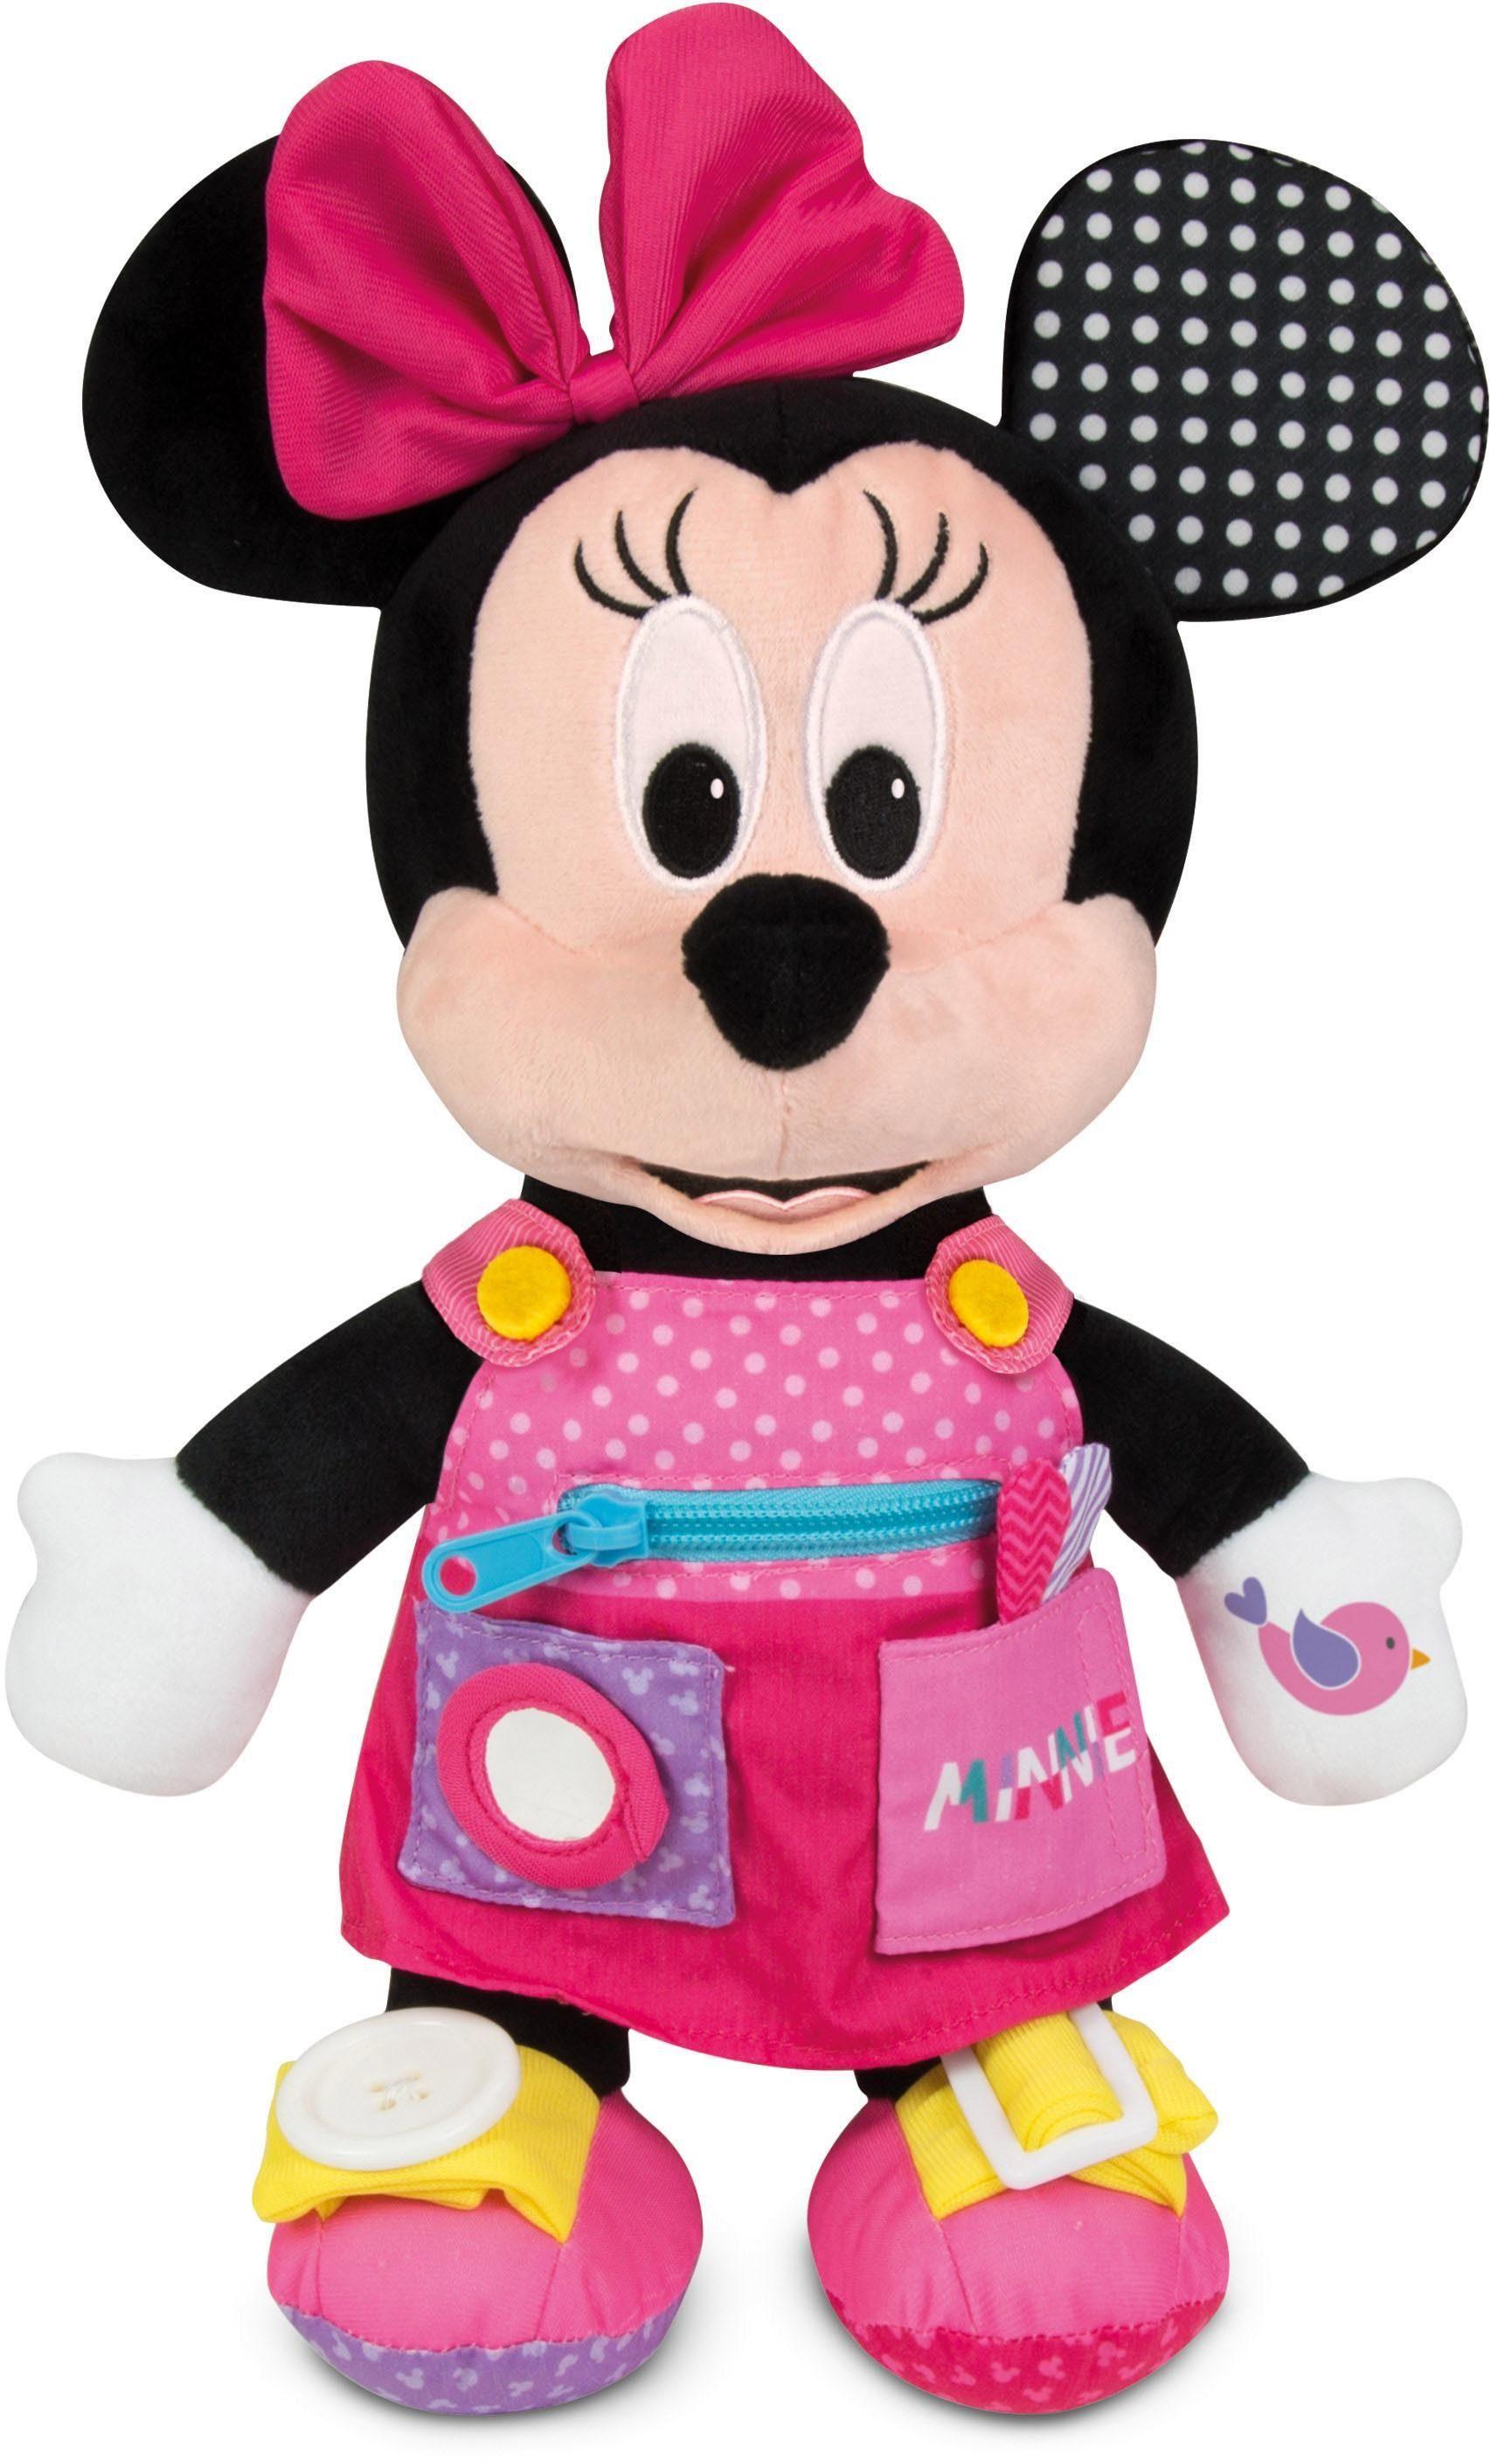 Clementoni Plüschfigur, »Baby, Disney Baby Plüsch-Minnie«